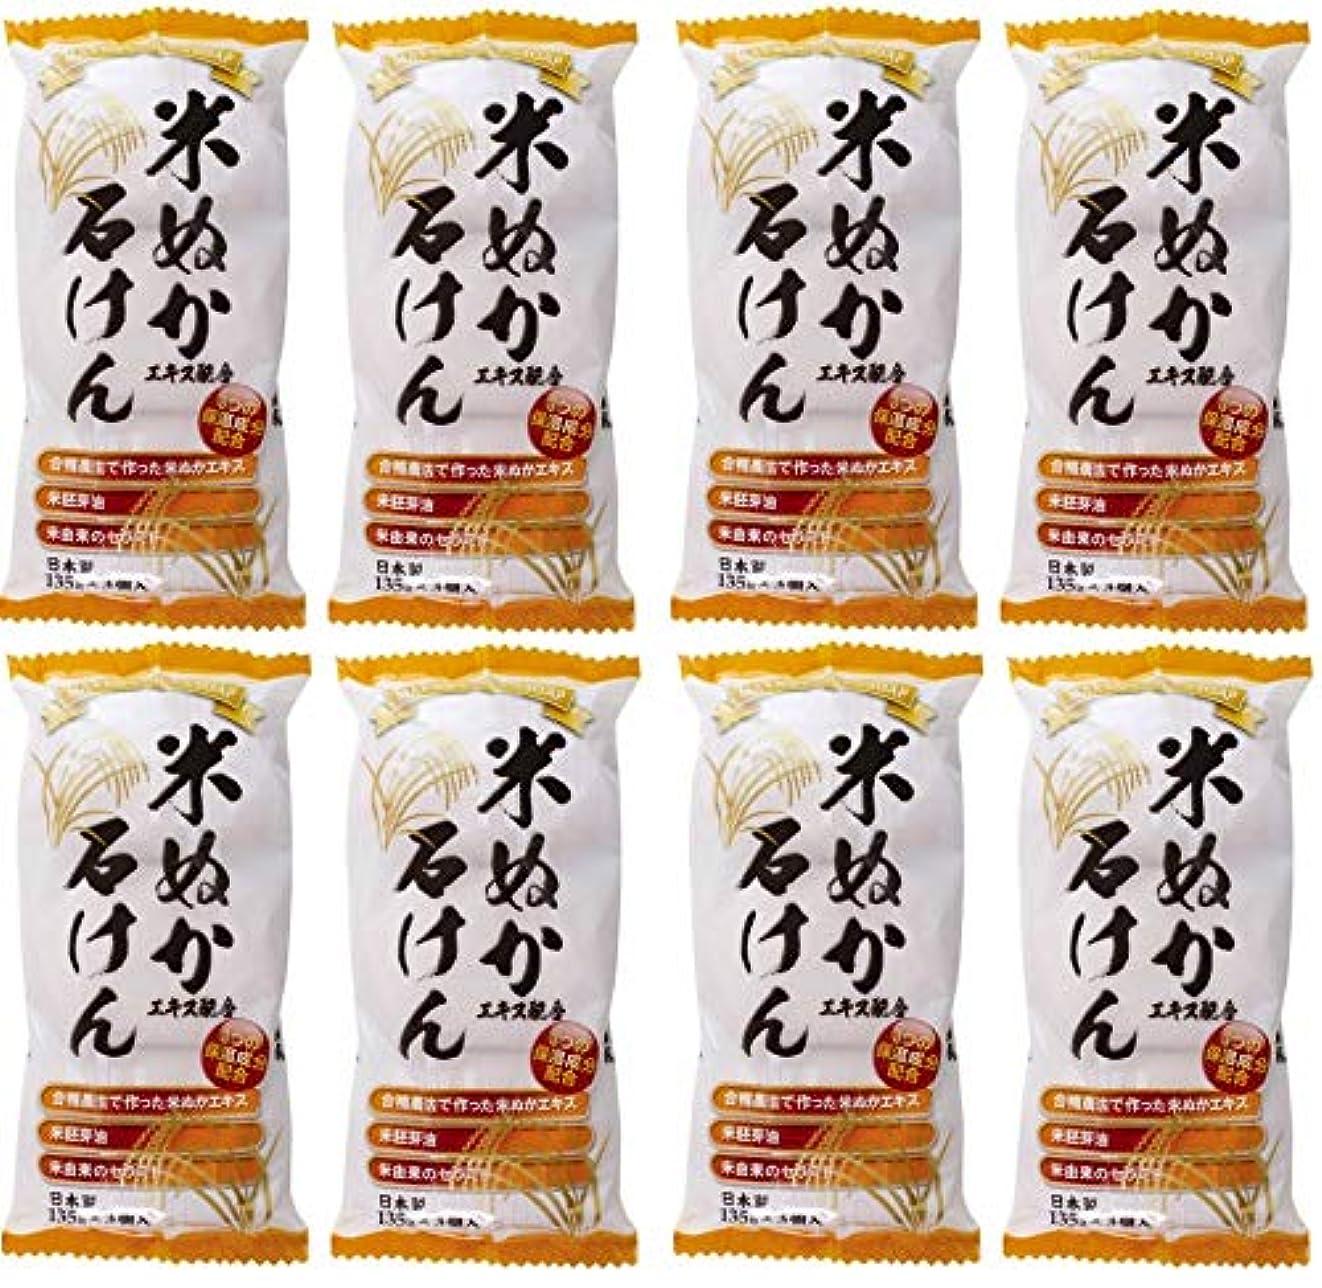 部屋を掃除する盆地モンク【まとめ買い】米ぬかエキス配合石けん 3個入 135g×3個×8個